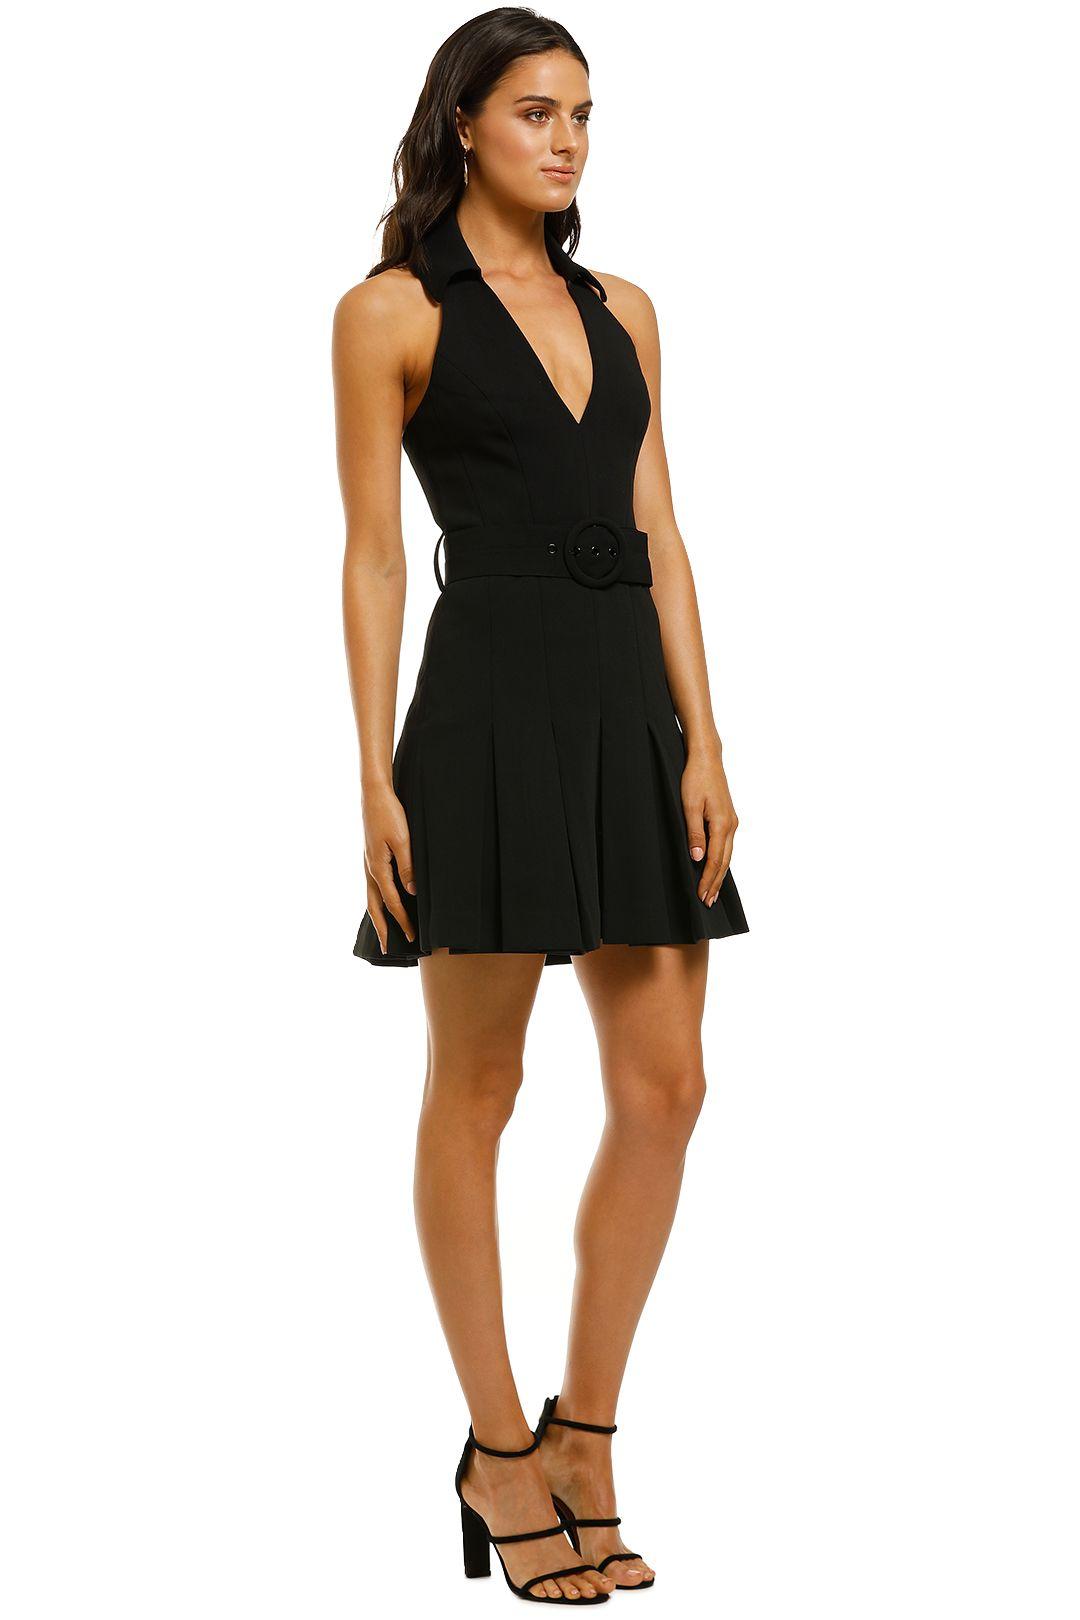 Misha-Collection-Lucinda-Dress-Black-Side